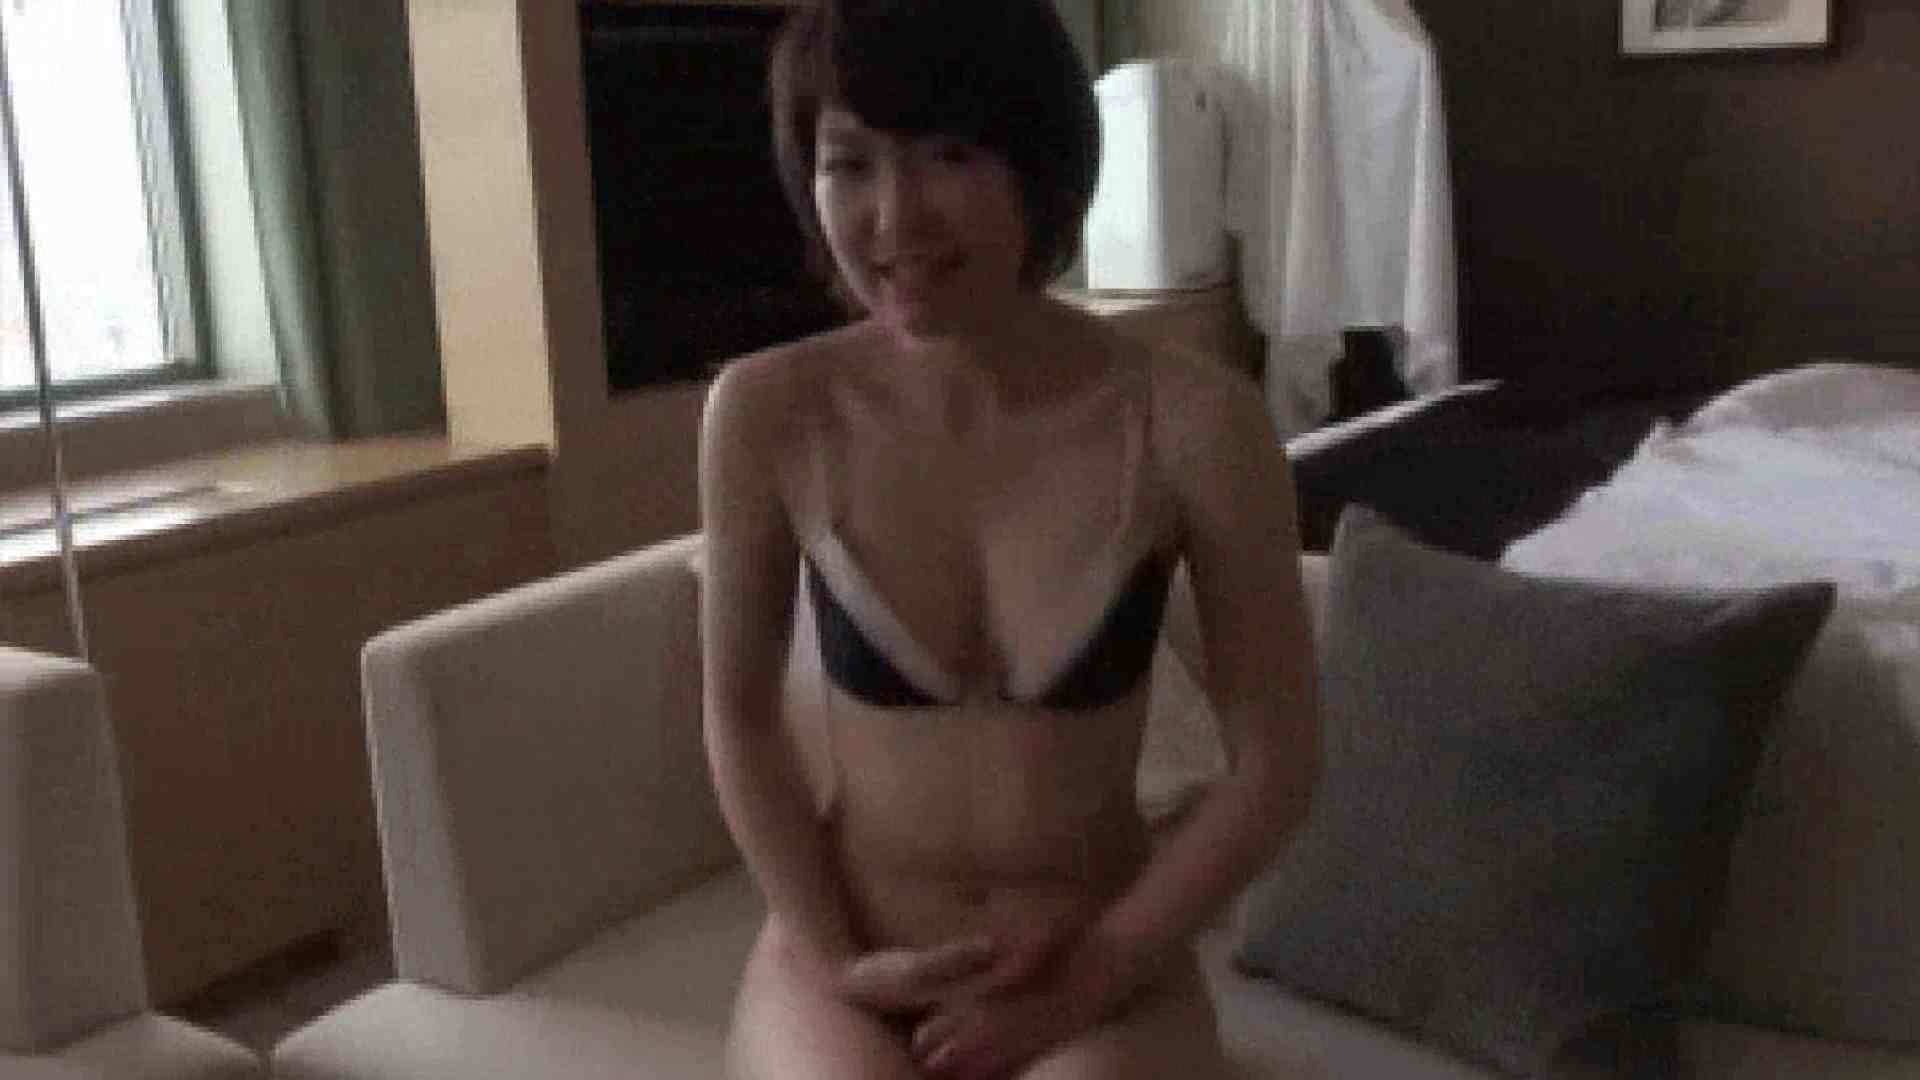 Hで可愛くてケシカラン! Vol.13 フェラ  59PIX 18